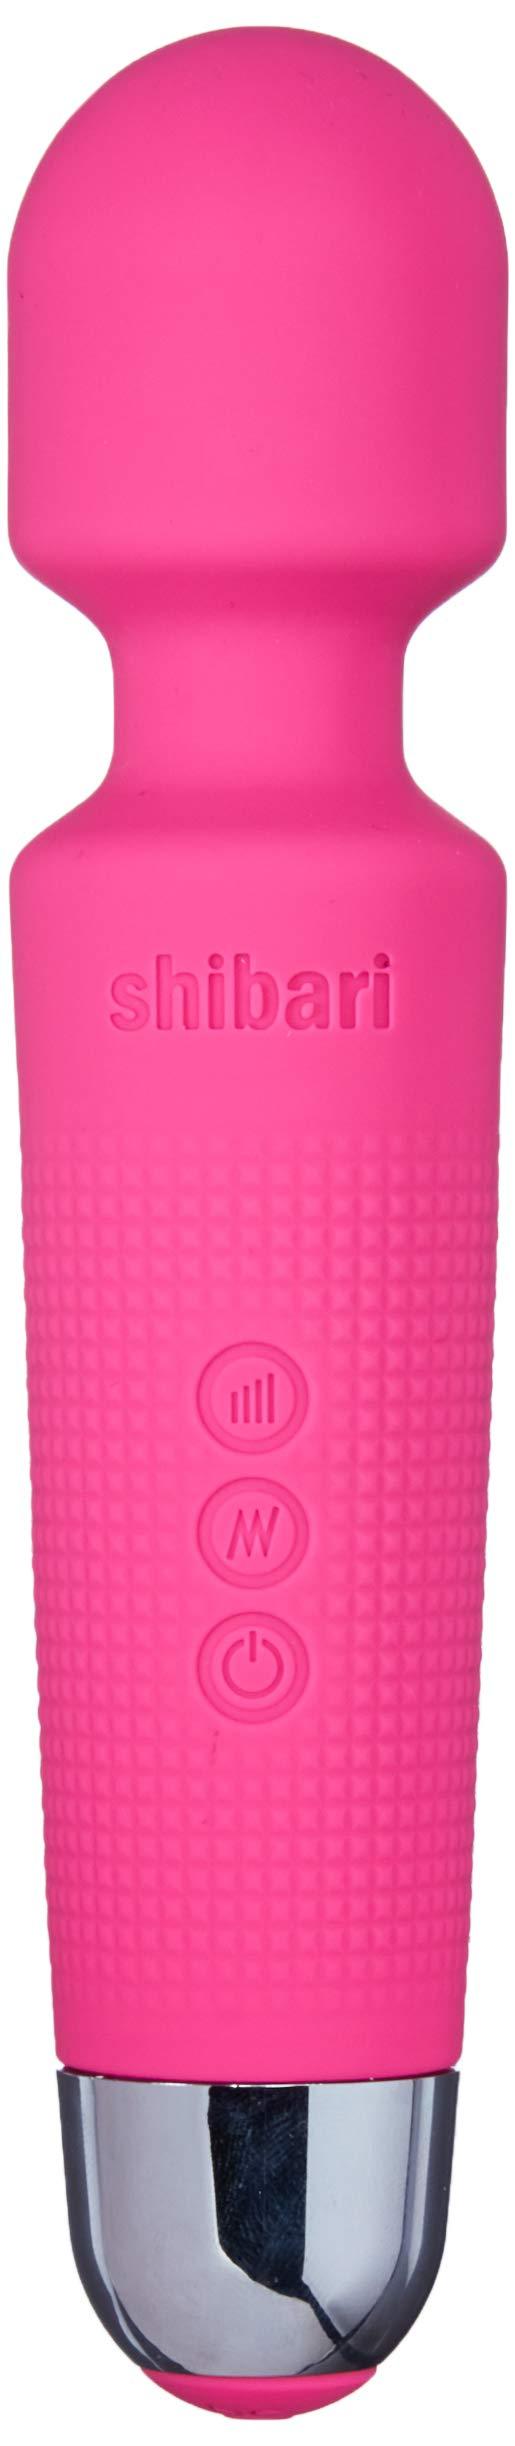 """Shibari Mini Halo, """"The Original"""" Compact Power Wand Massager, Wireless, 20x Multi-speed Vibrations (Pink)"""